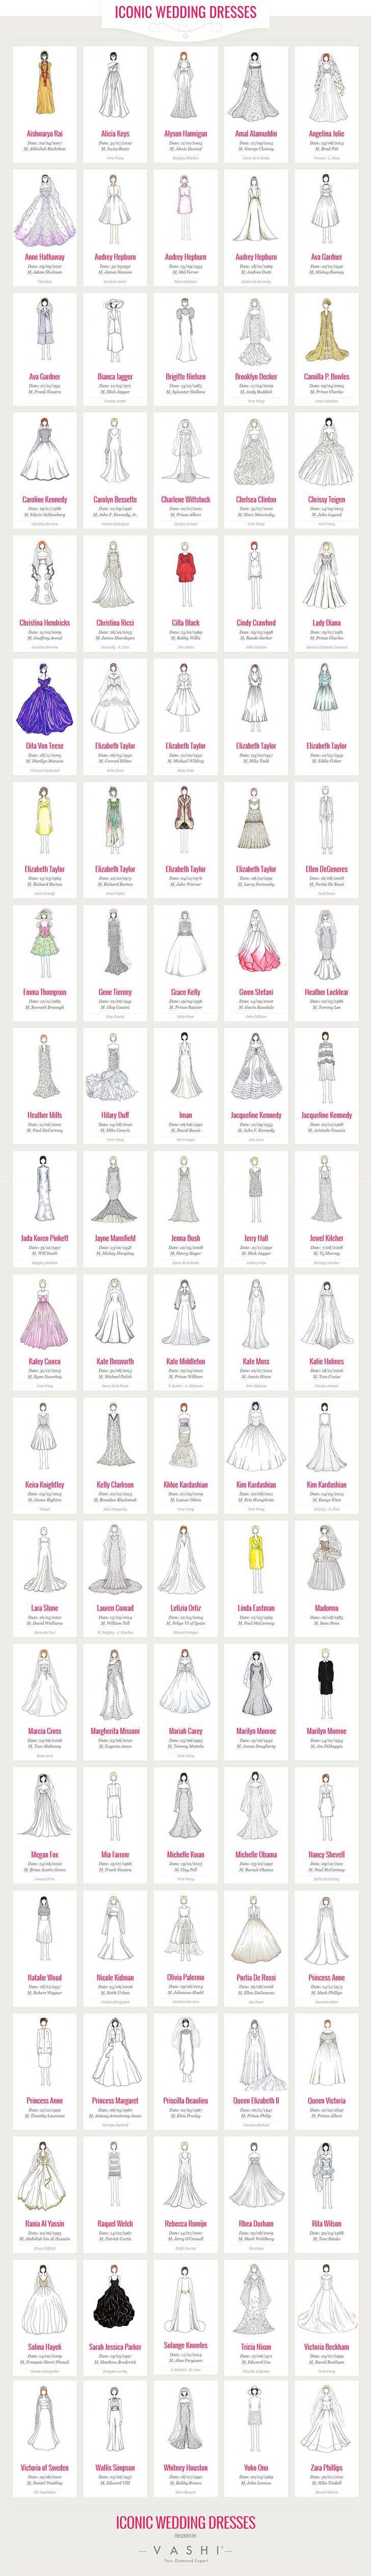 Estos son los 100 vestidos de novia más famosos de todos los tiempos